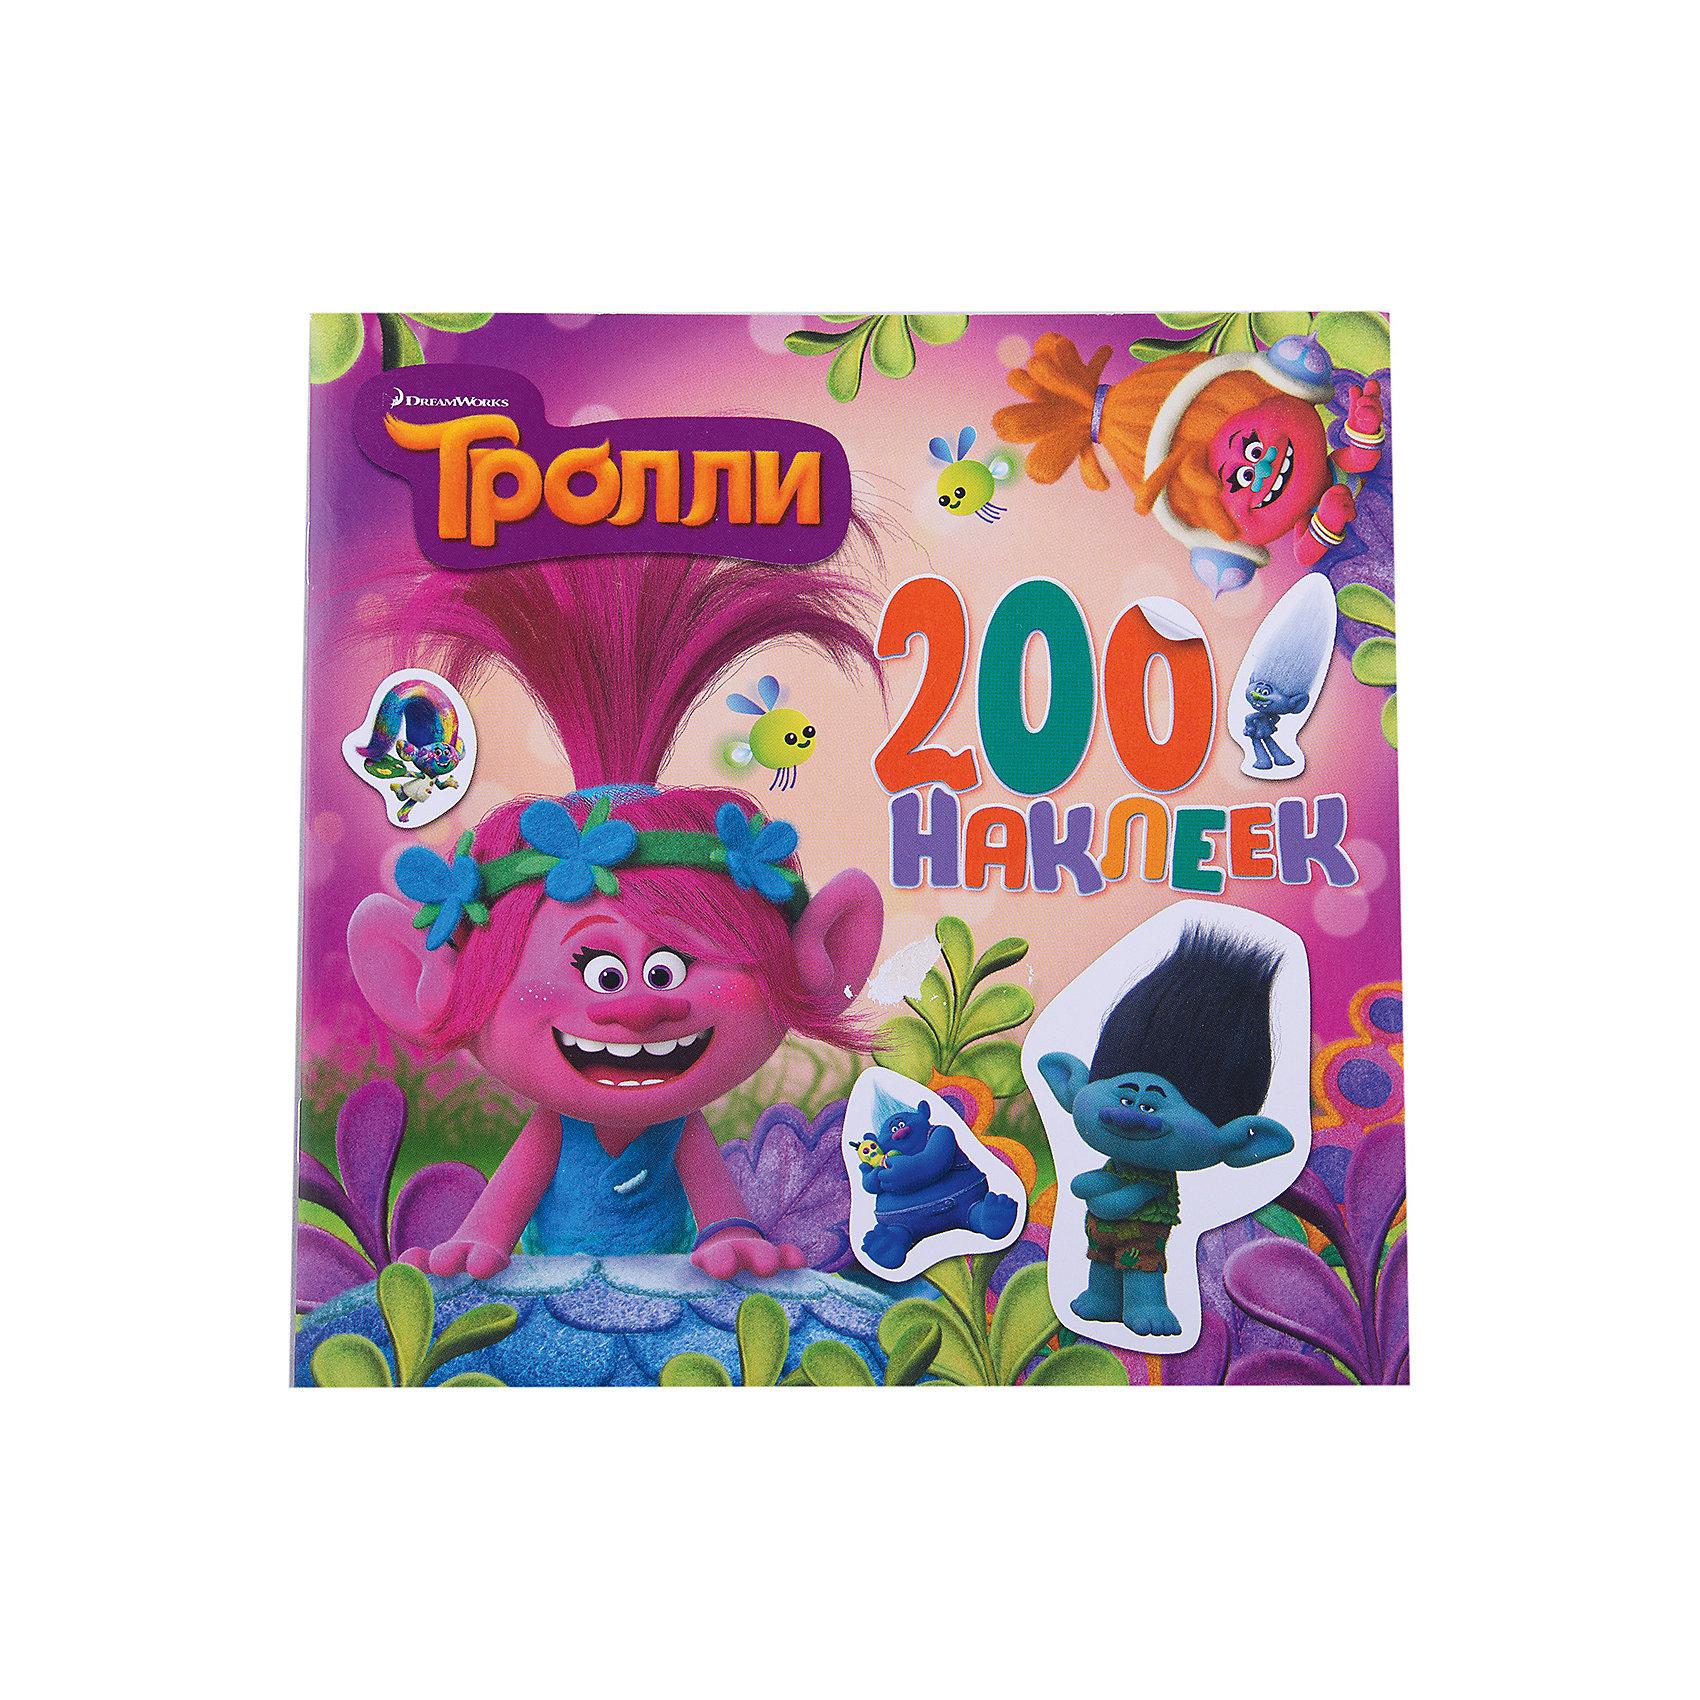 Альбом с наклейками, цвет розовый, ТроллиТворчество для малышей<br>200 ярких наклеек с любимыми персонажами! Отправляйтся в путешествие с Розочкой и Цветаном, чтобы выручить их друзей-троллей из беды!<br><br>Ширина мм: 207<br>Глубина мм: 210<br>Высота мм: 160<br>Вес г: 55<br>Возраст от месяцев: 48<br>Возраст до месяцев: 72<br>Пол: Унисекс<br>Возраст: Детский<br>SKU: 6848394